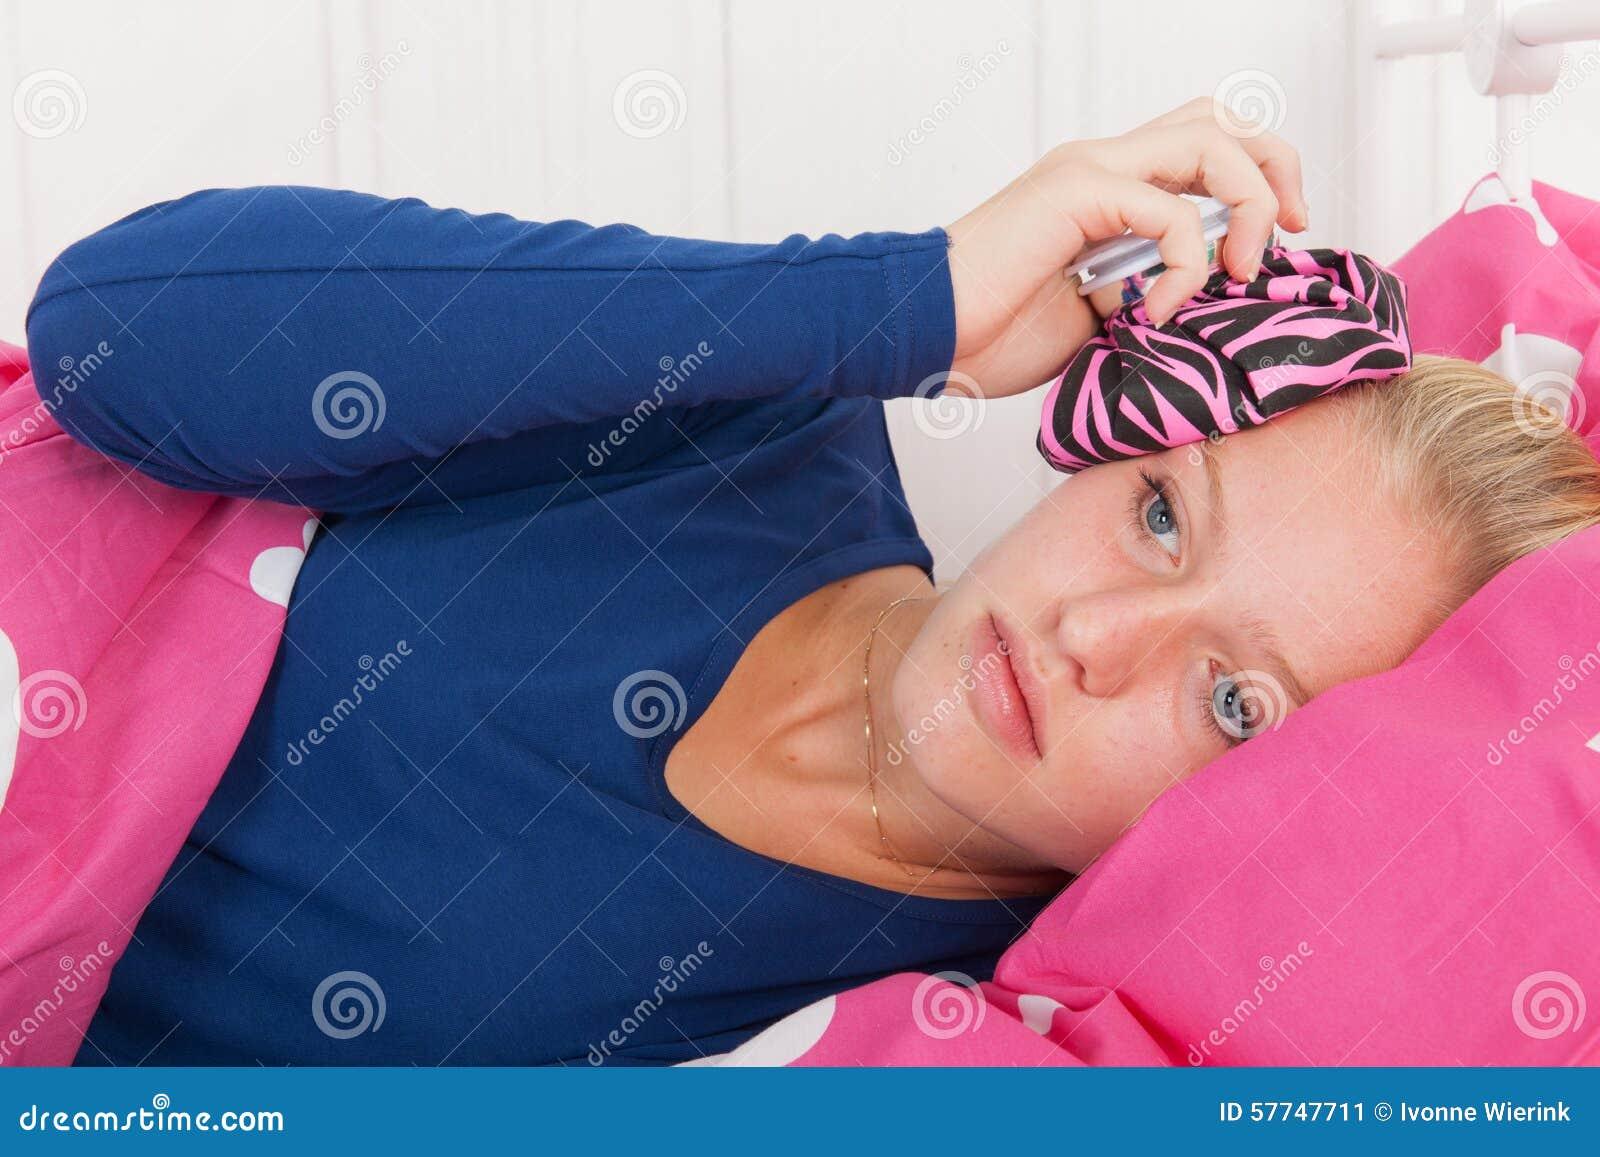 teens having their period